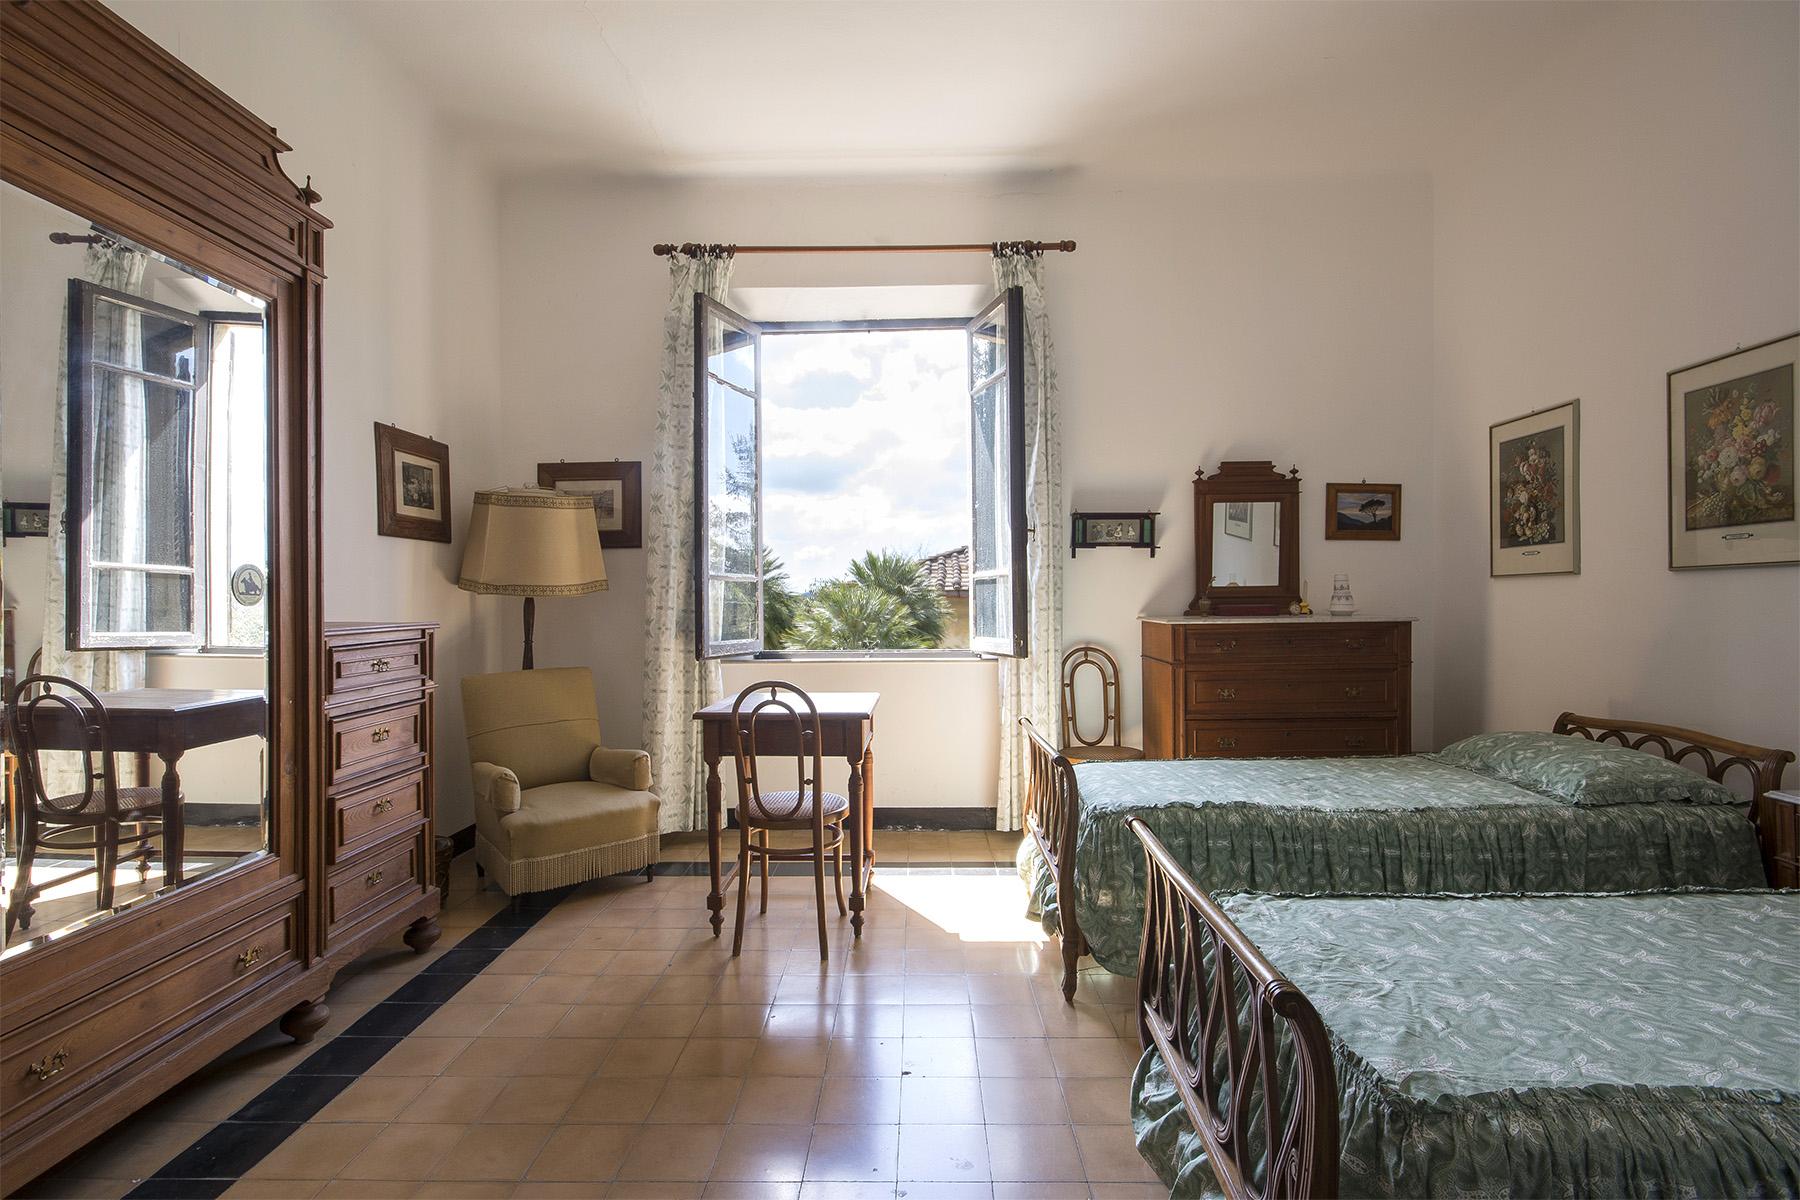 Villa in Vendita a Crespina Lorenzana: 5 locali, 900 mq - Foto 21